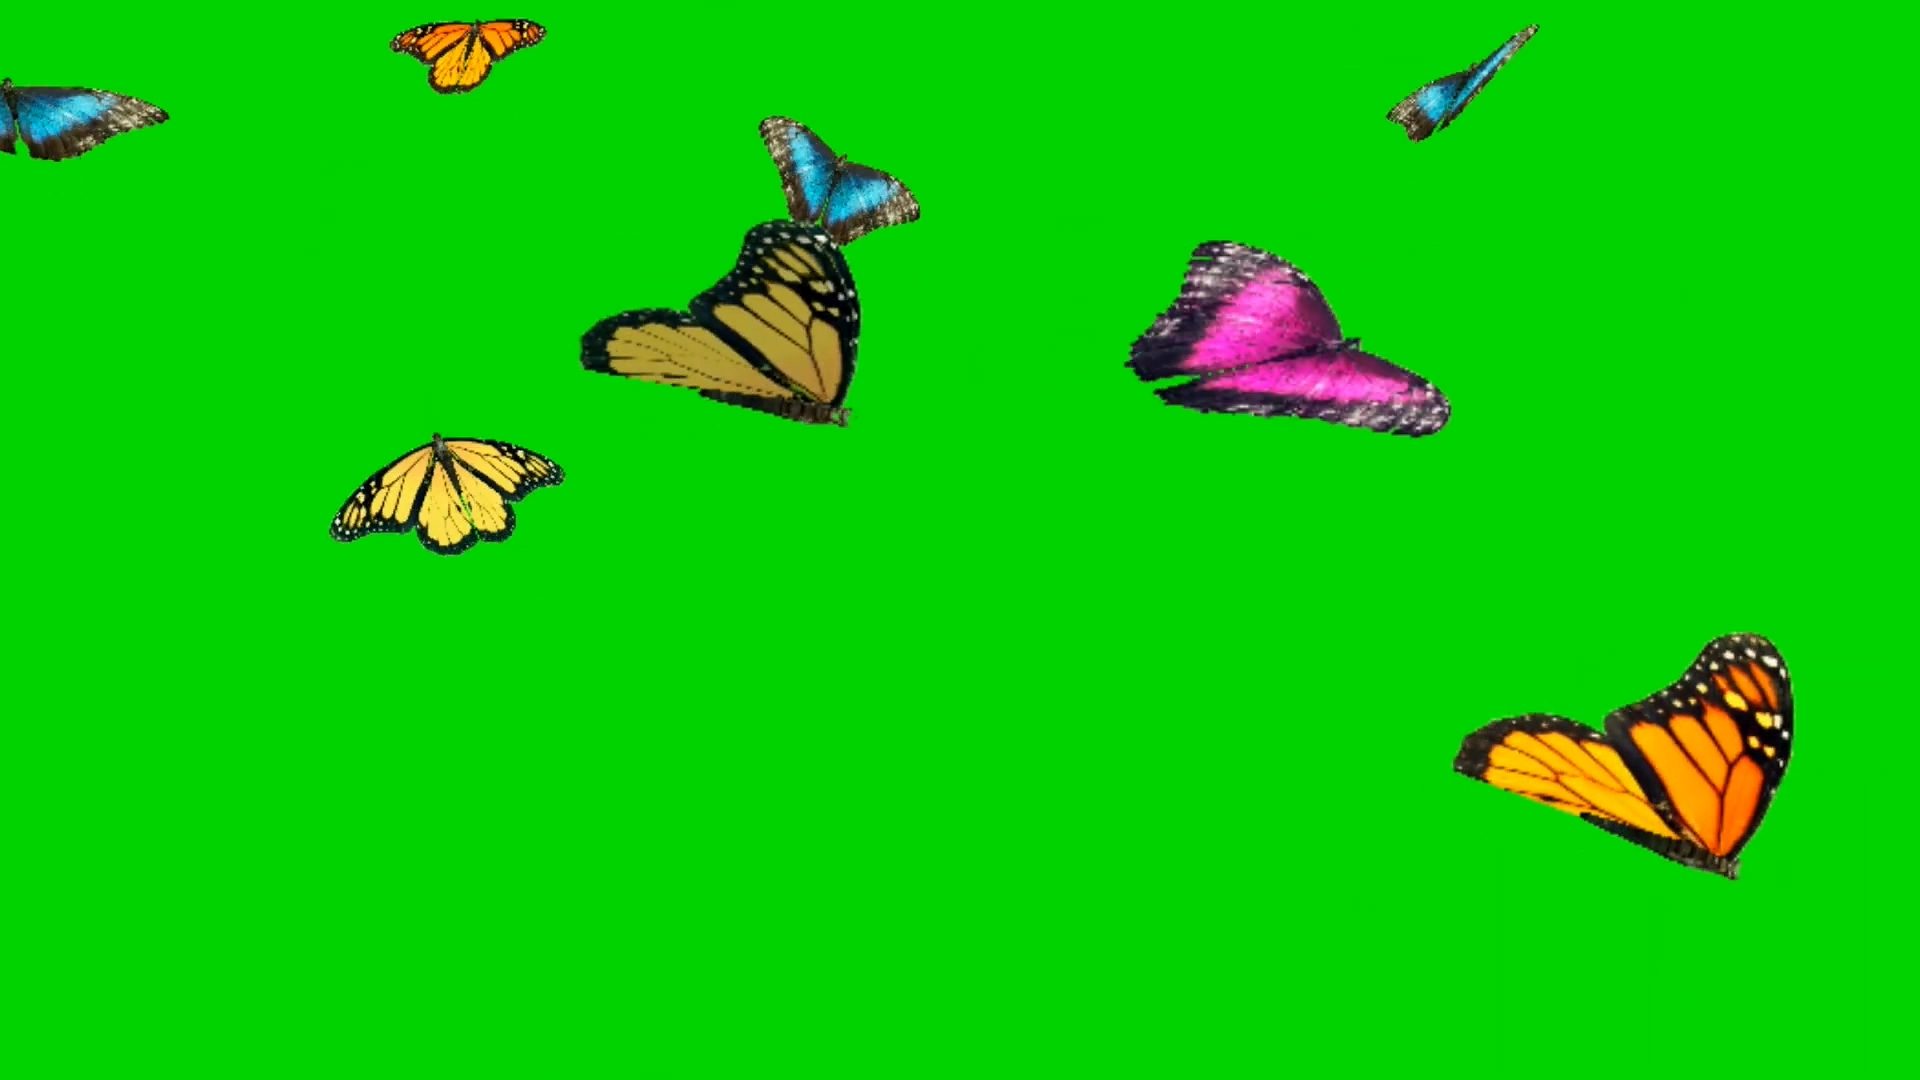 飞舞的各种颜色蝴蝶视频素材